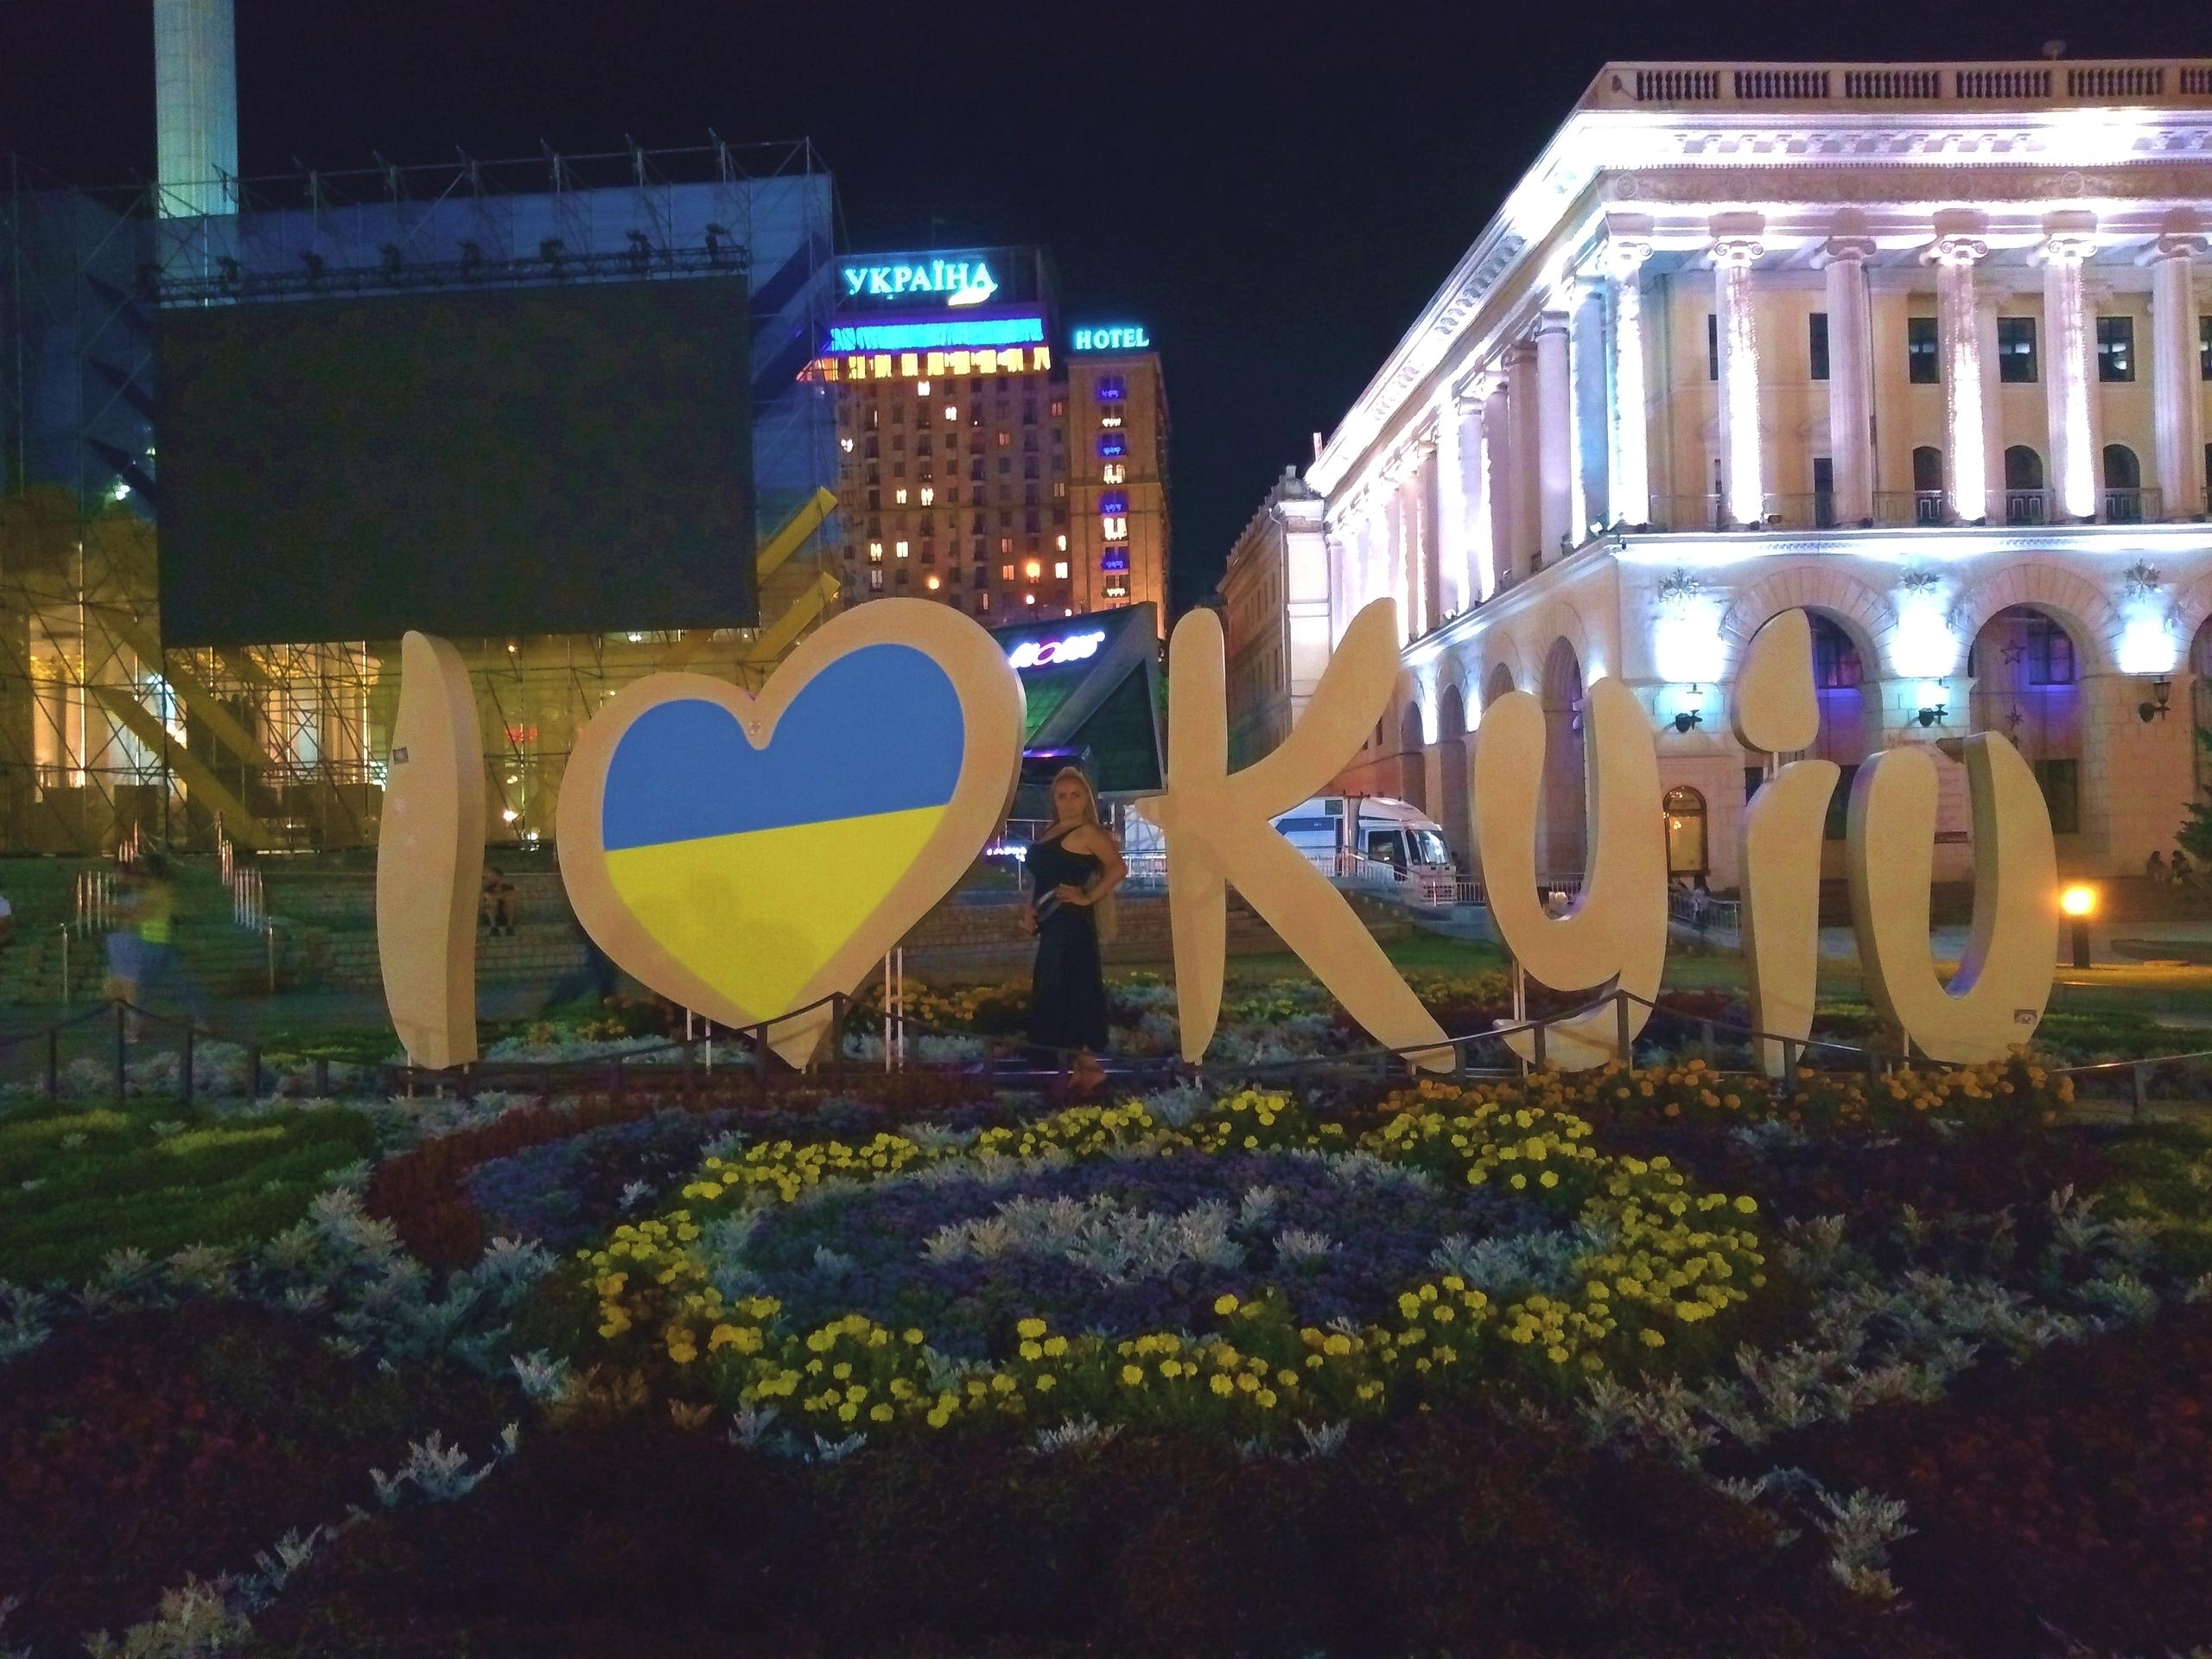 Елена Руденко (Валтея). Украина. Киев. Фото и описание.  - Страница 2 KOQT3m3pC8Q